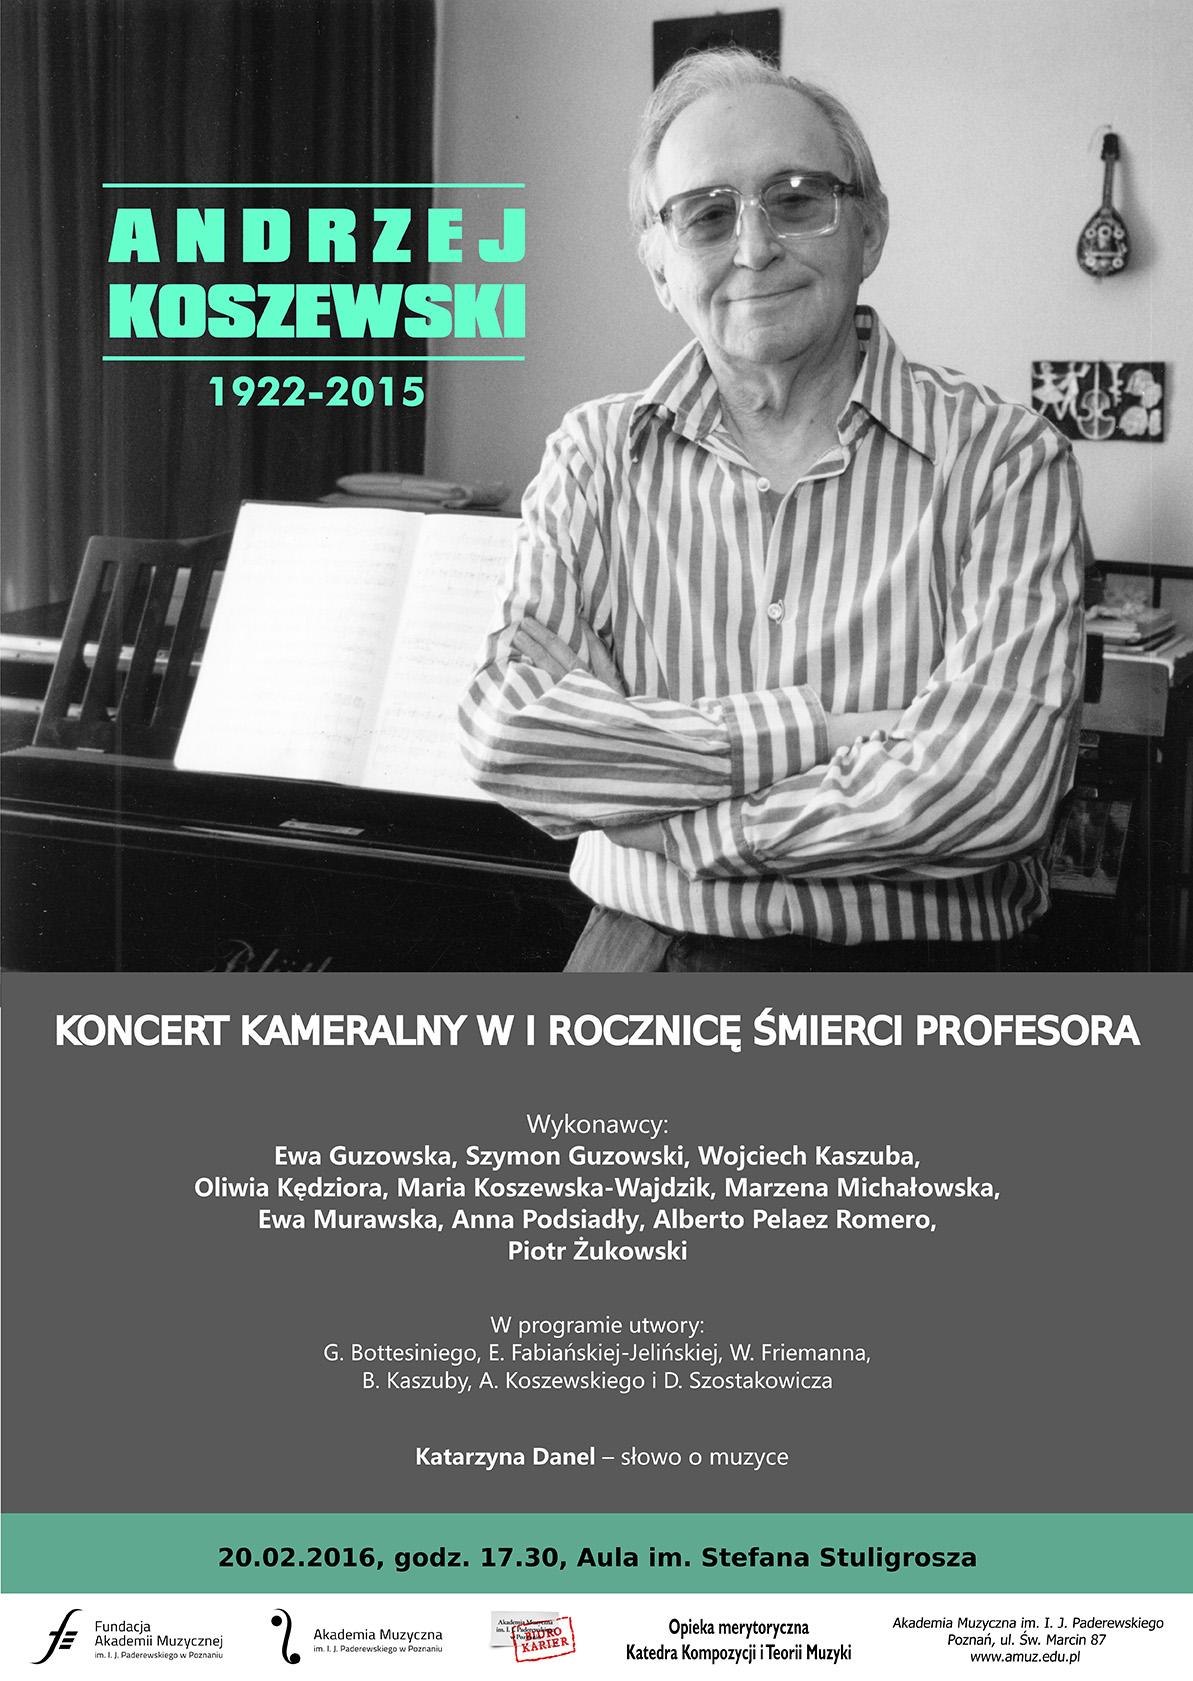 20.02.2016 koncert I rocznica śmierci prof. Koszewskiego